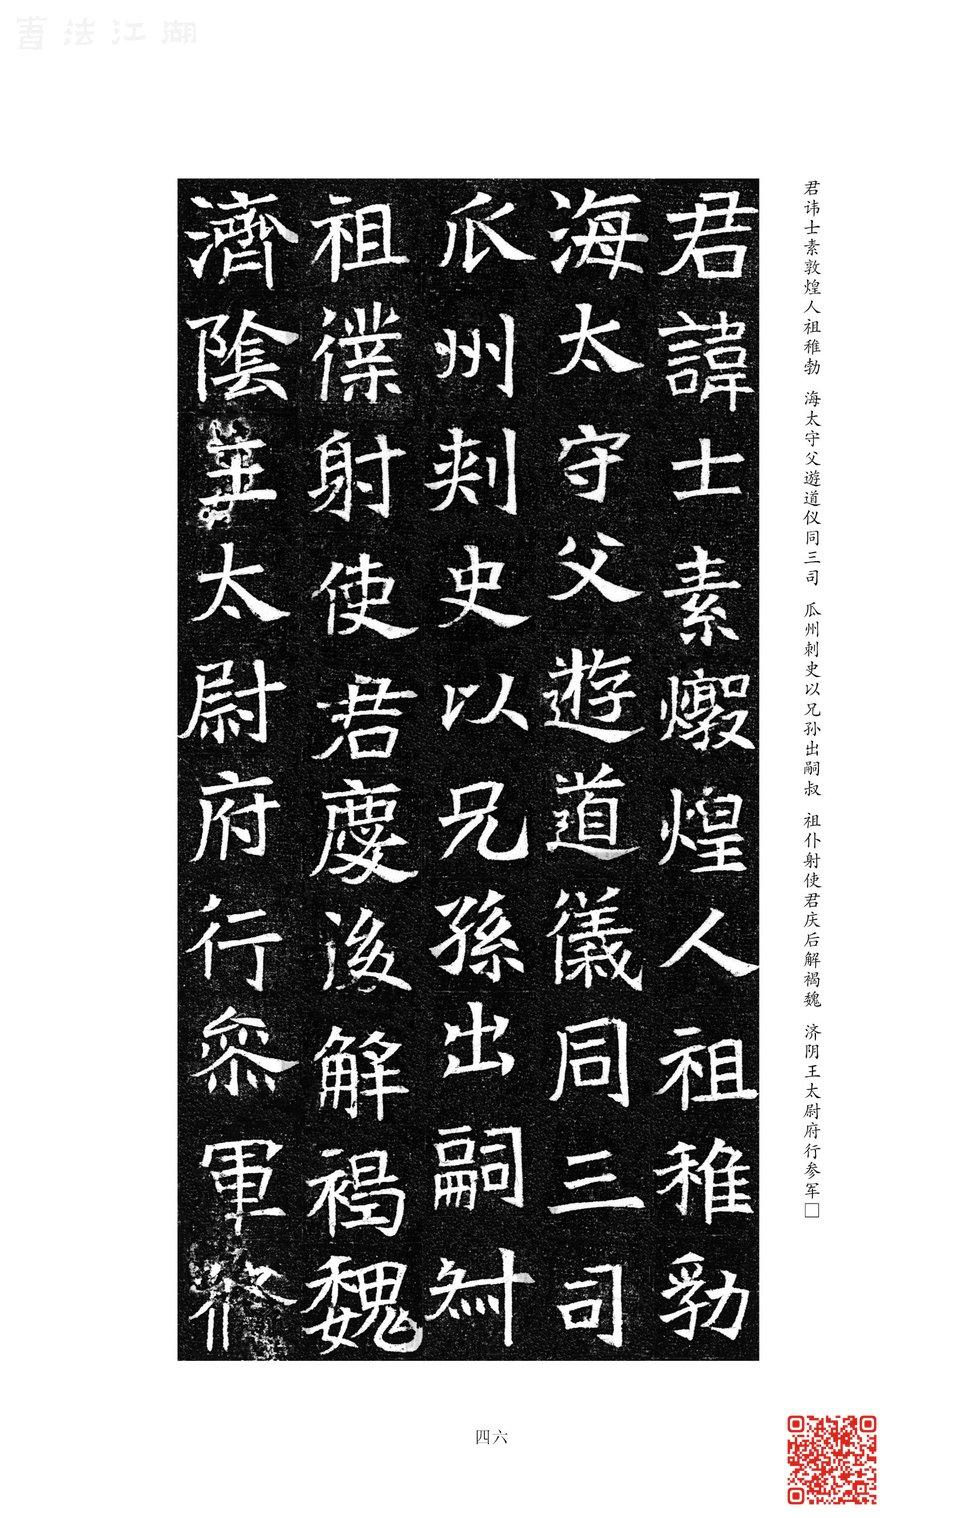 1-楷书发展(上)从隶书到隋楷的过渡-内页50.jpg